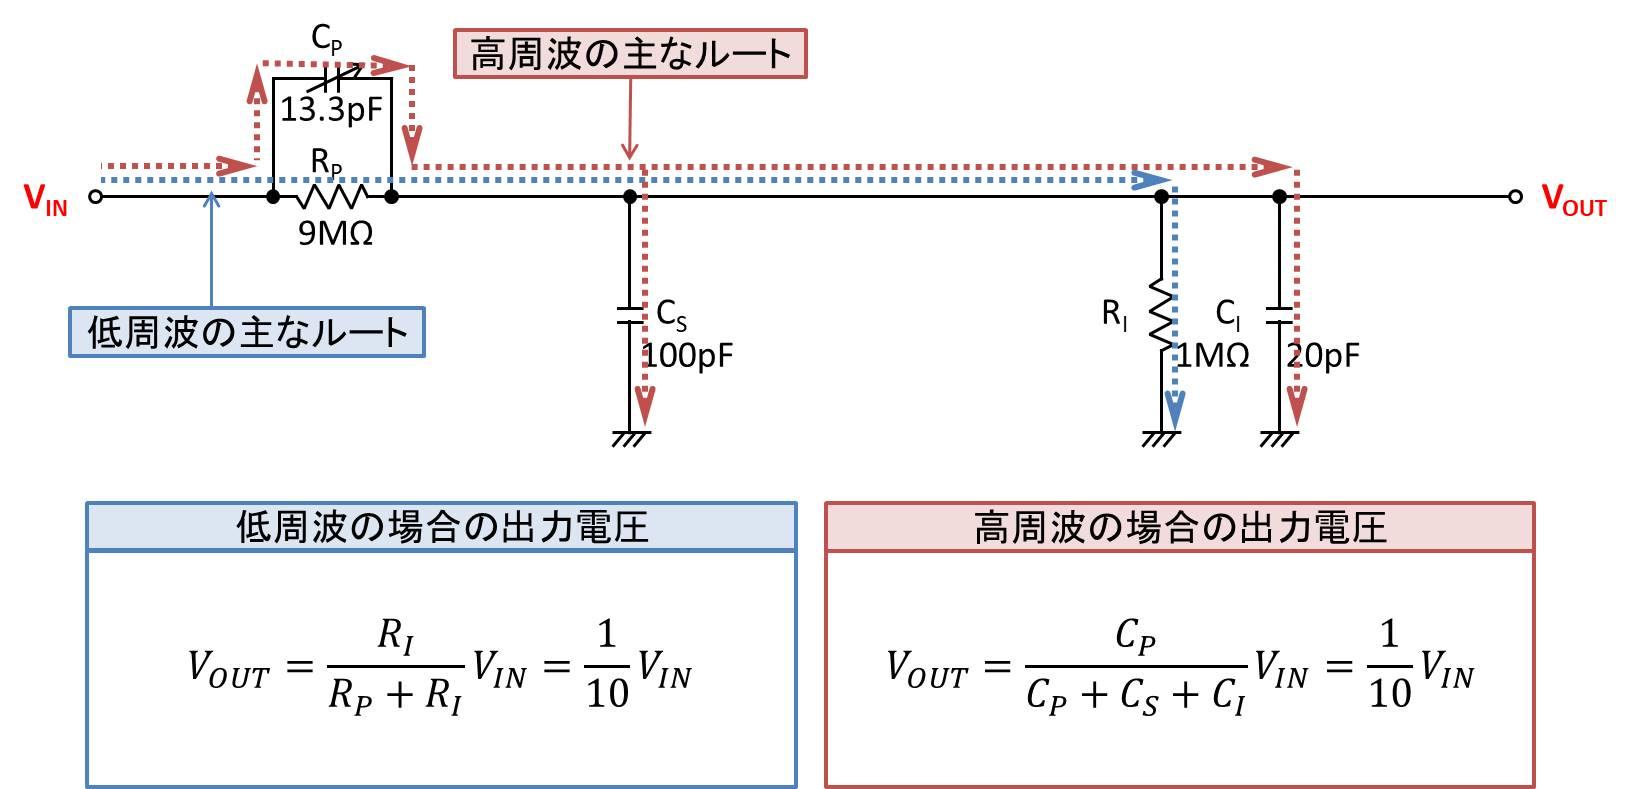 低周波と高周波の主なルート